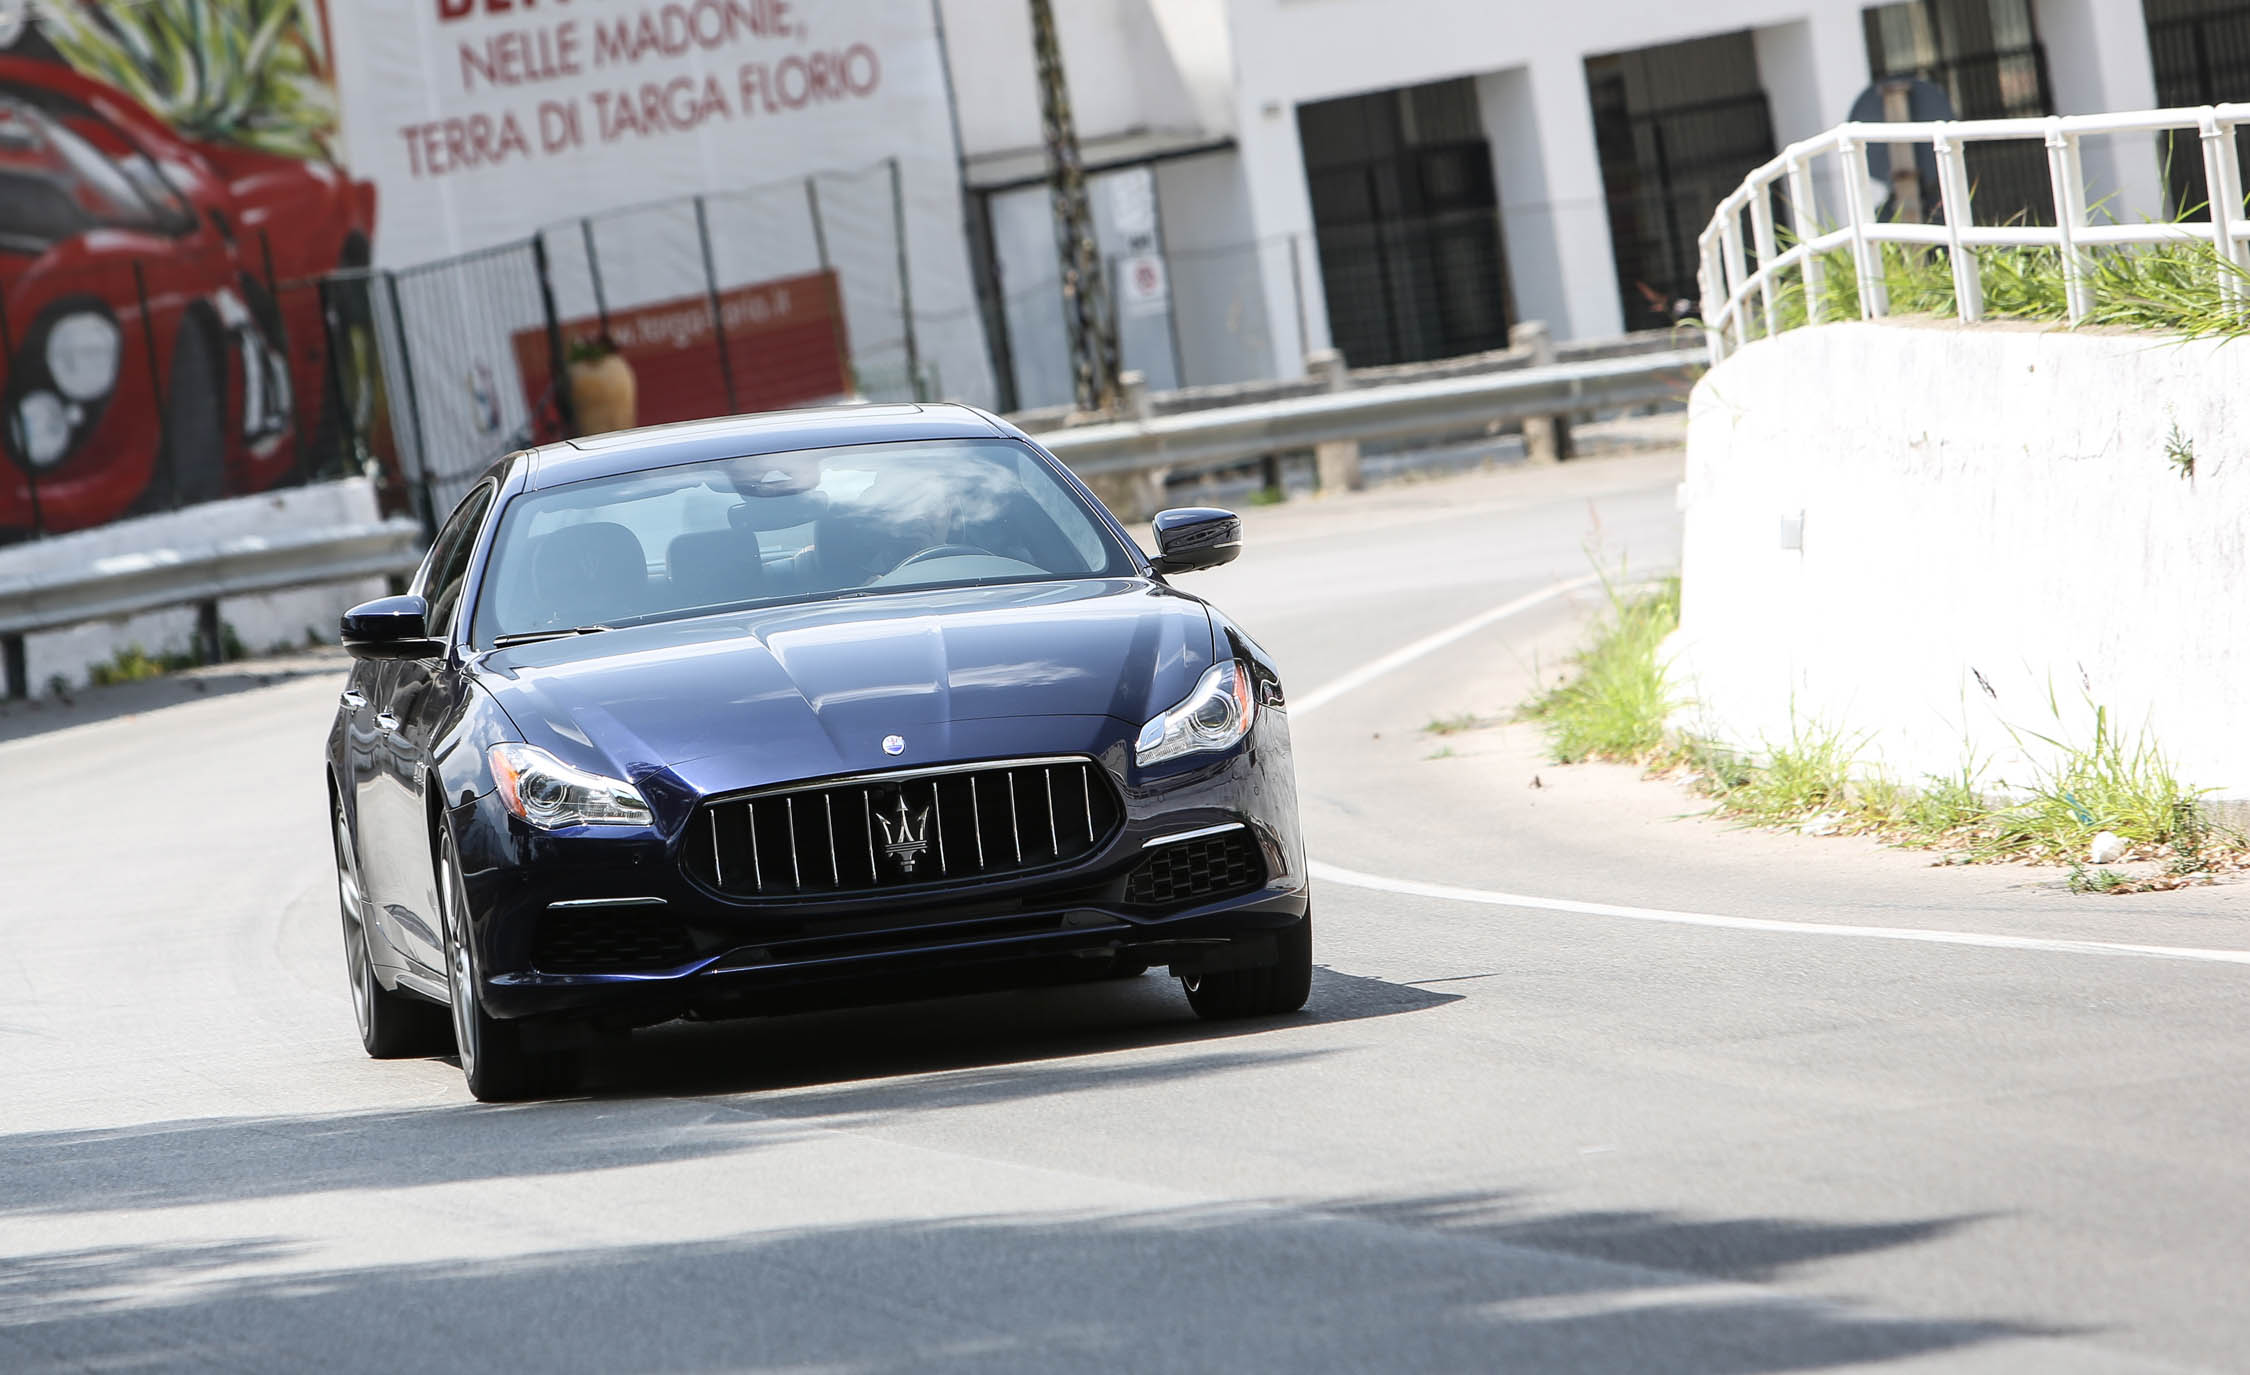 2017 Maserati Quattroporte GTS GranLusso (Photo 10 of 55)